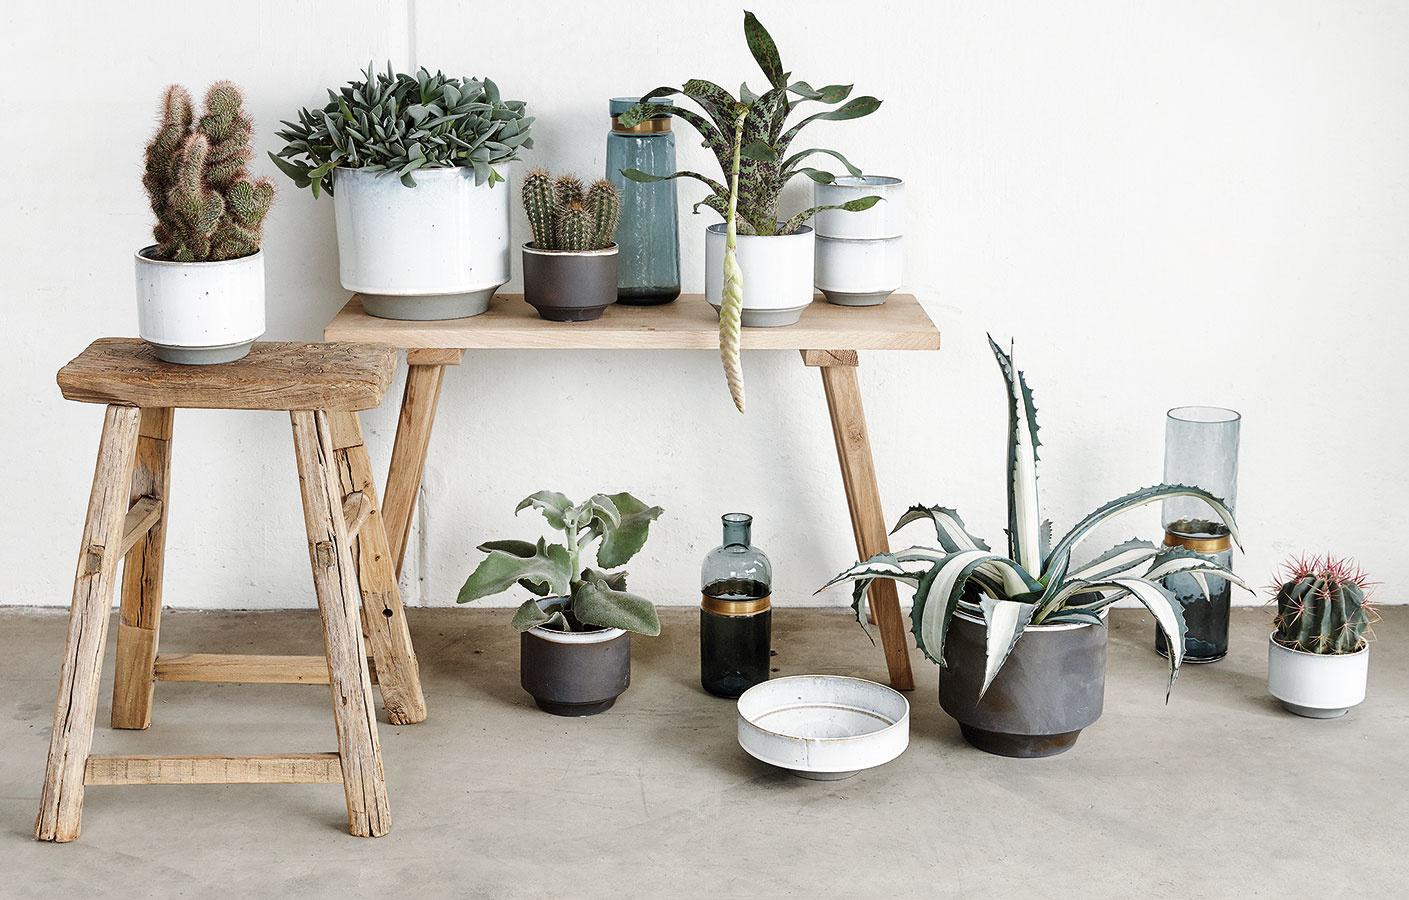 Kaktusy asukulenty sú výbornou voľbou najmä do teplých svetlých obývacích izieb so suchým vzduchom. Prím hrajú vsúčasnosti najmä vmoderných interiéroch. Vponuke nájdete naozaj široké spektrum druhov. Vyhradiť im môžete napríklad jeden samostatný stolček, na ktorom pekne vyniknú.